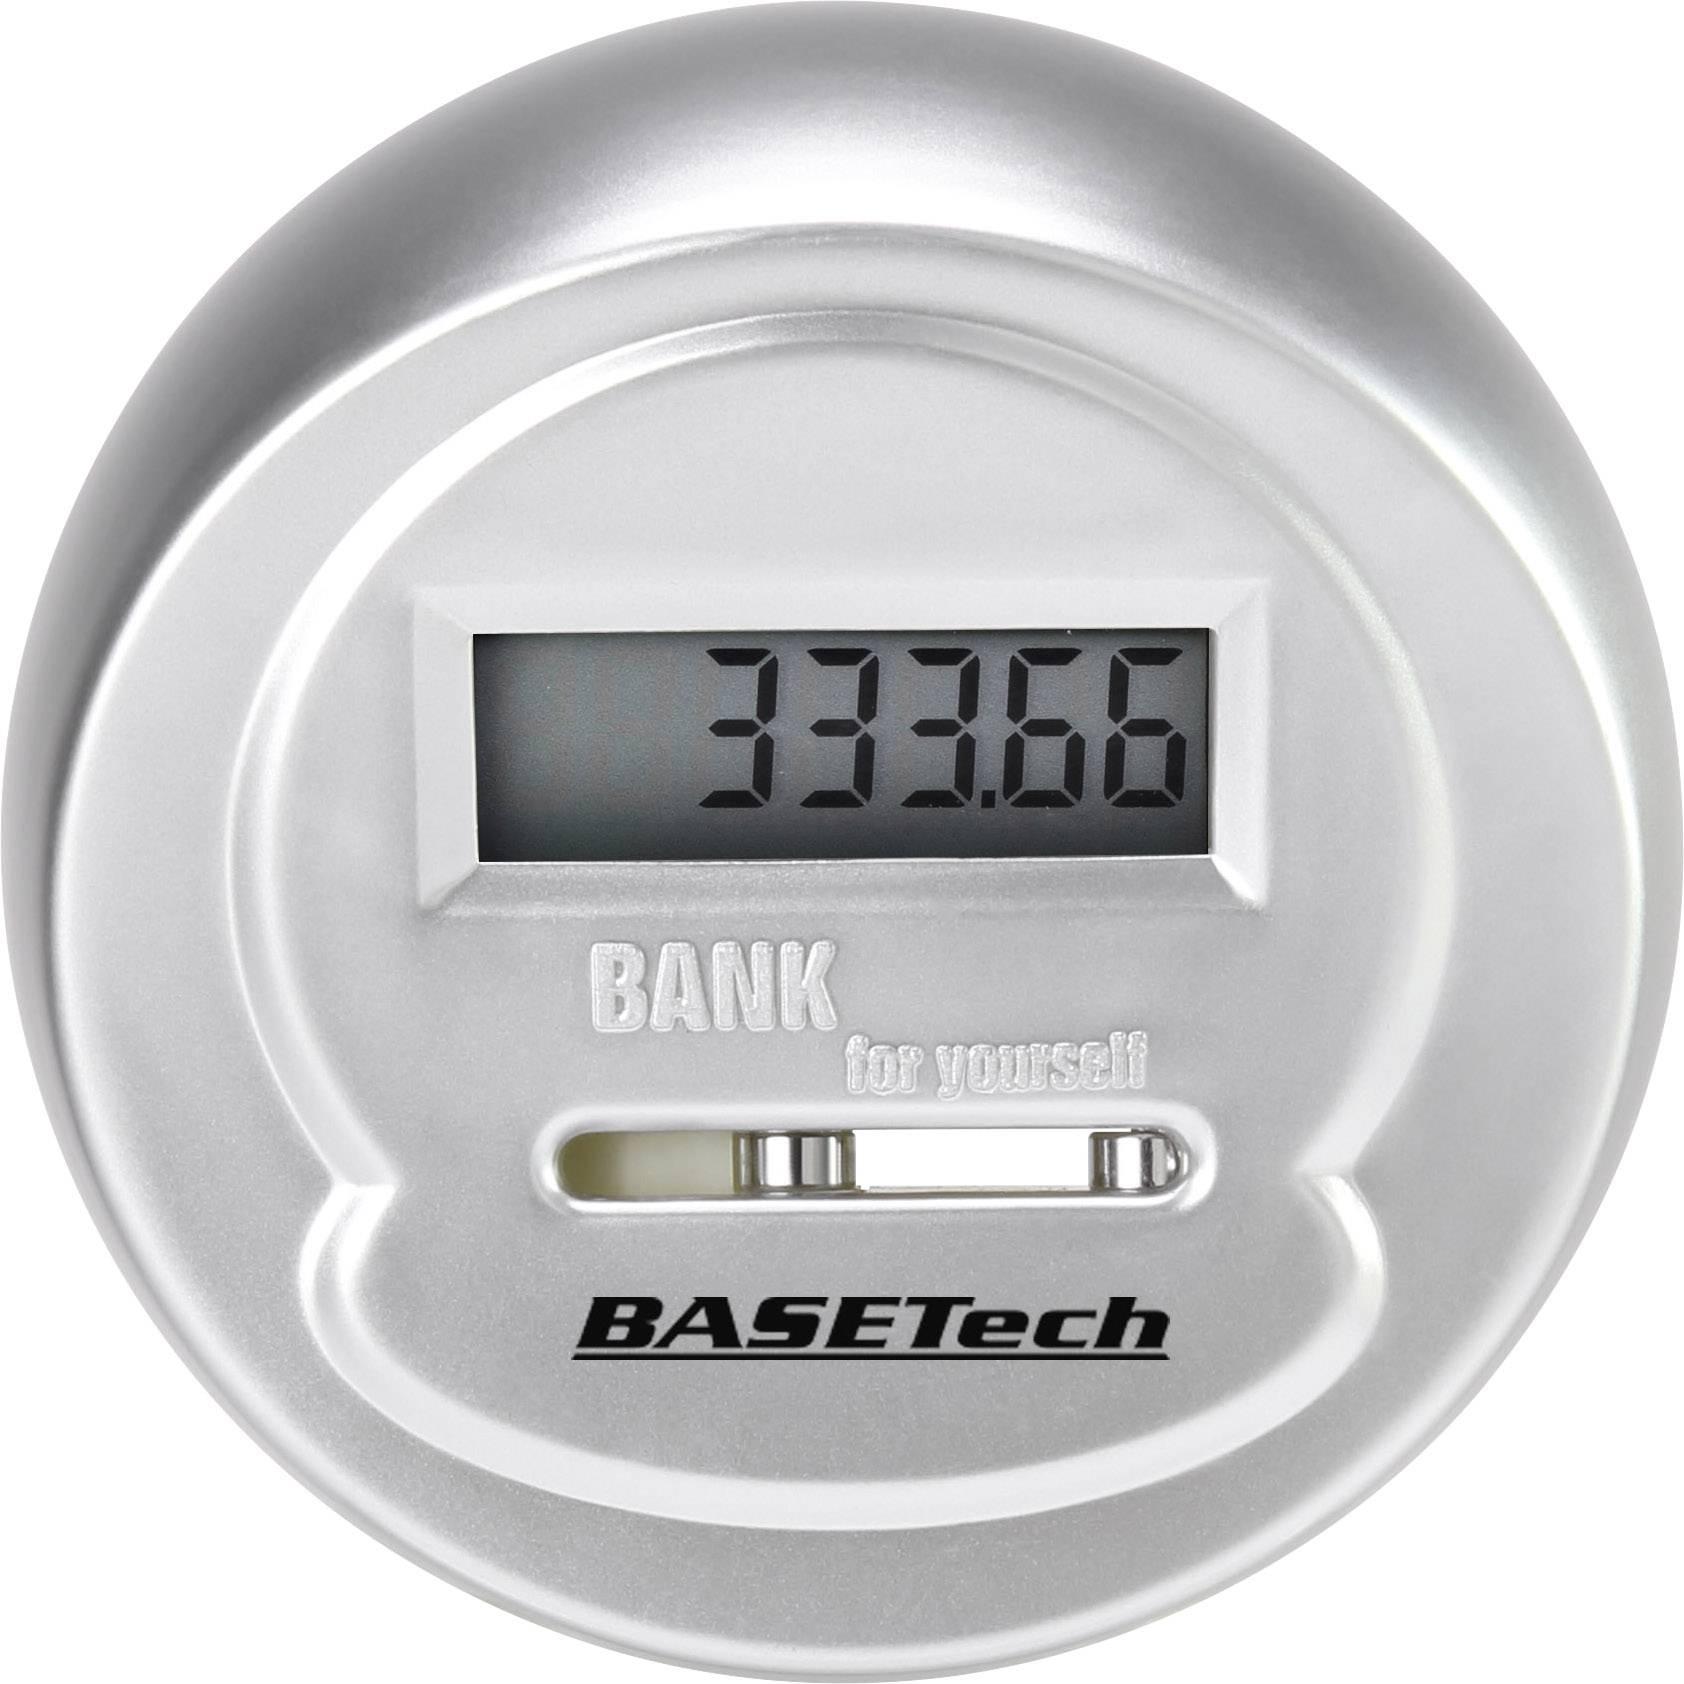 Basetech 1619410 kasa za štednju s digitalnim brojačem  Broj pretinaca za kovanice 1